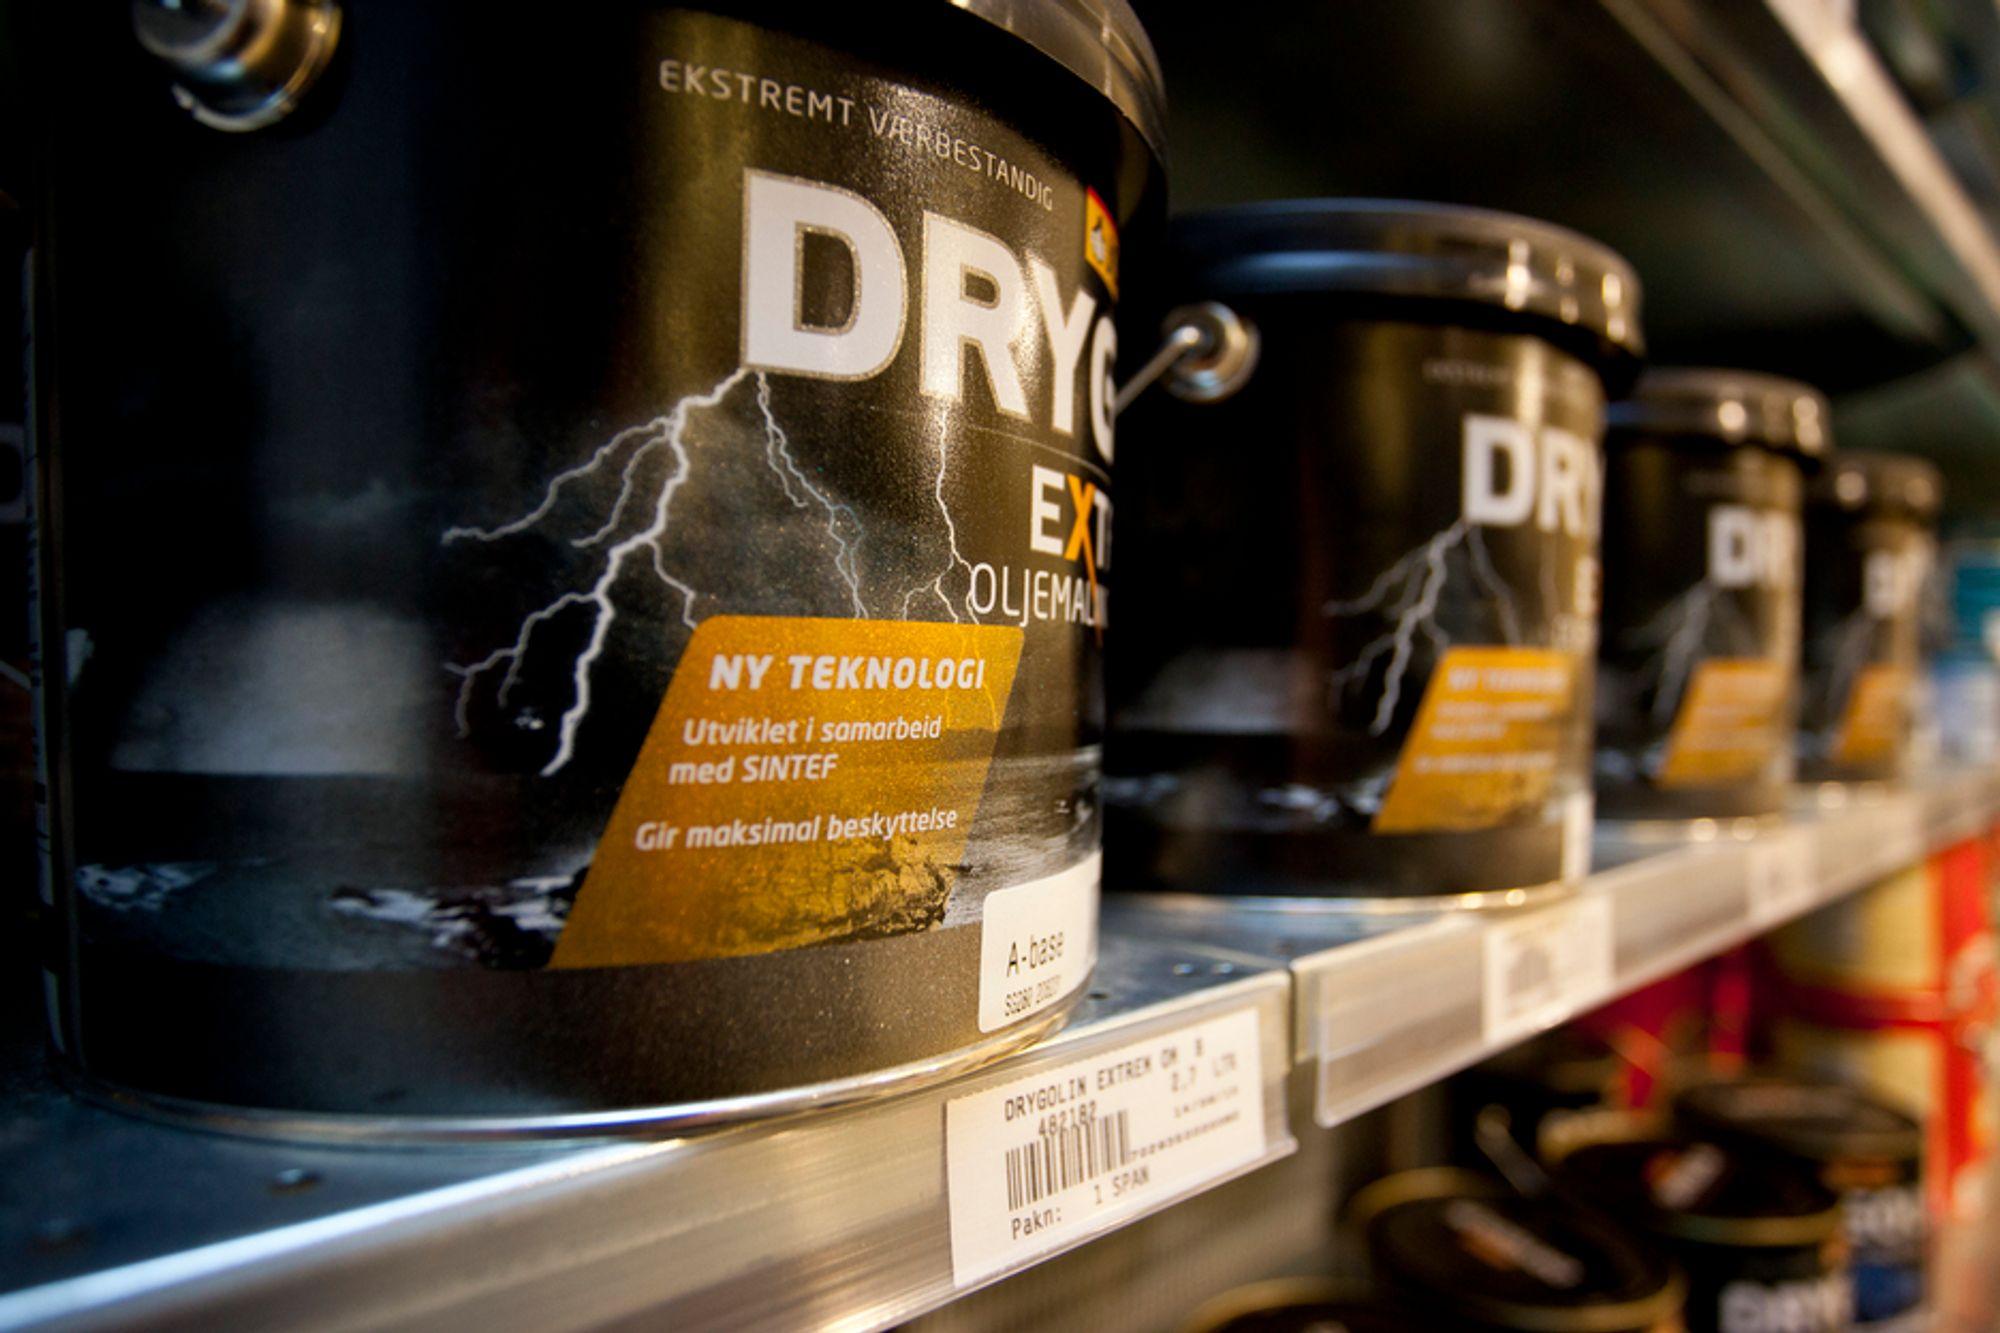 """SKYR NANO: Oljemalingen Drygolin Extrem inneholder nanopartikler av silika. Men produsenten Jotun tør ikke å bruke ordet """"nano"""" i markedsføringen. I stedet fokuserer de på at teknologien er utviklet sammen med SINTEF."""